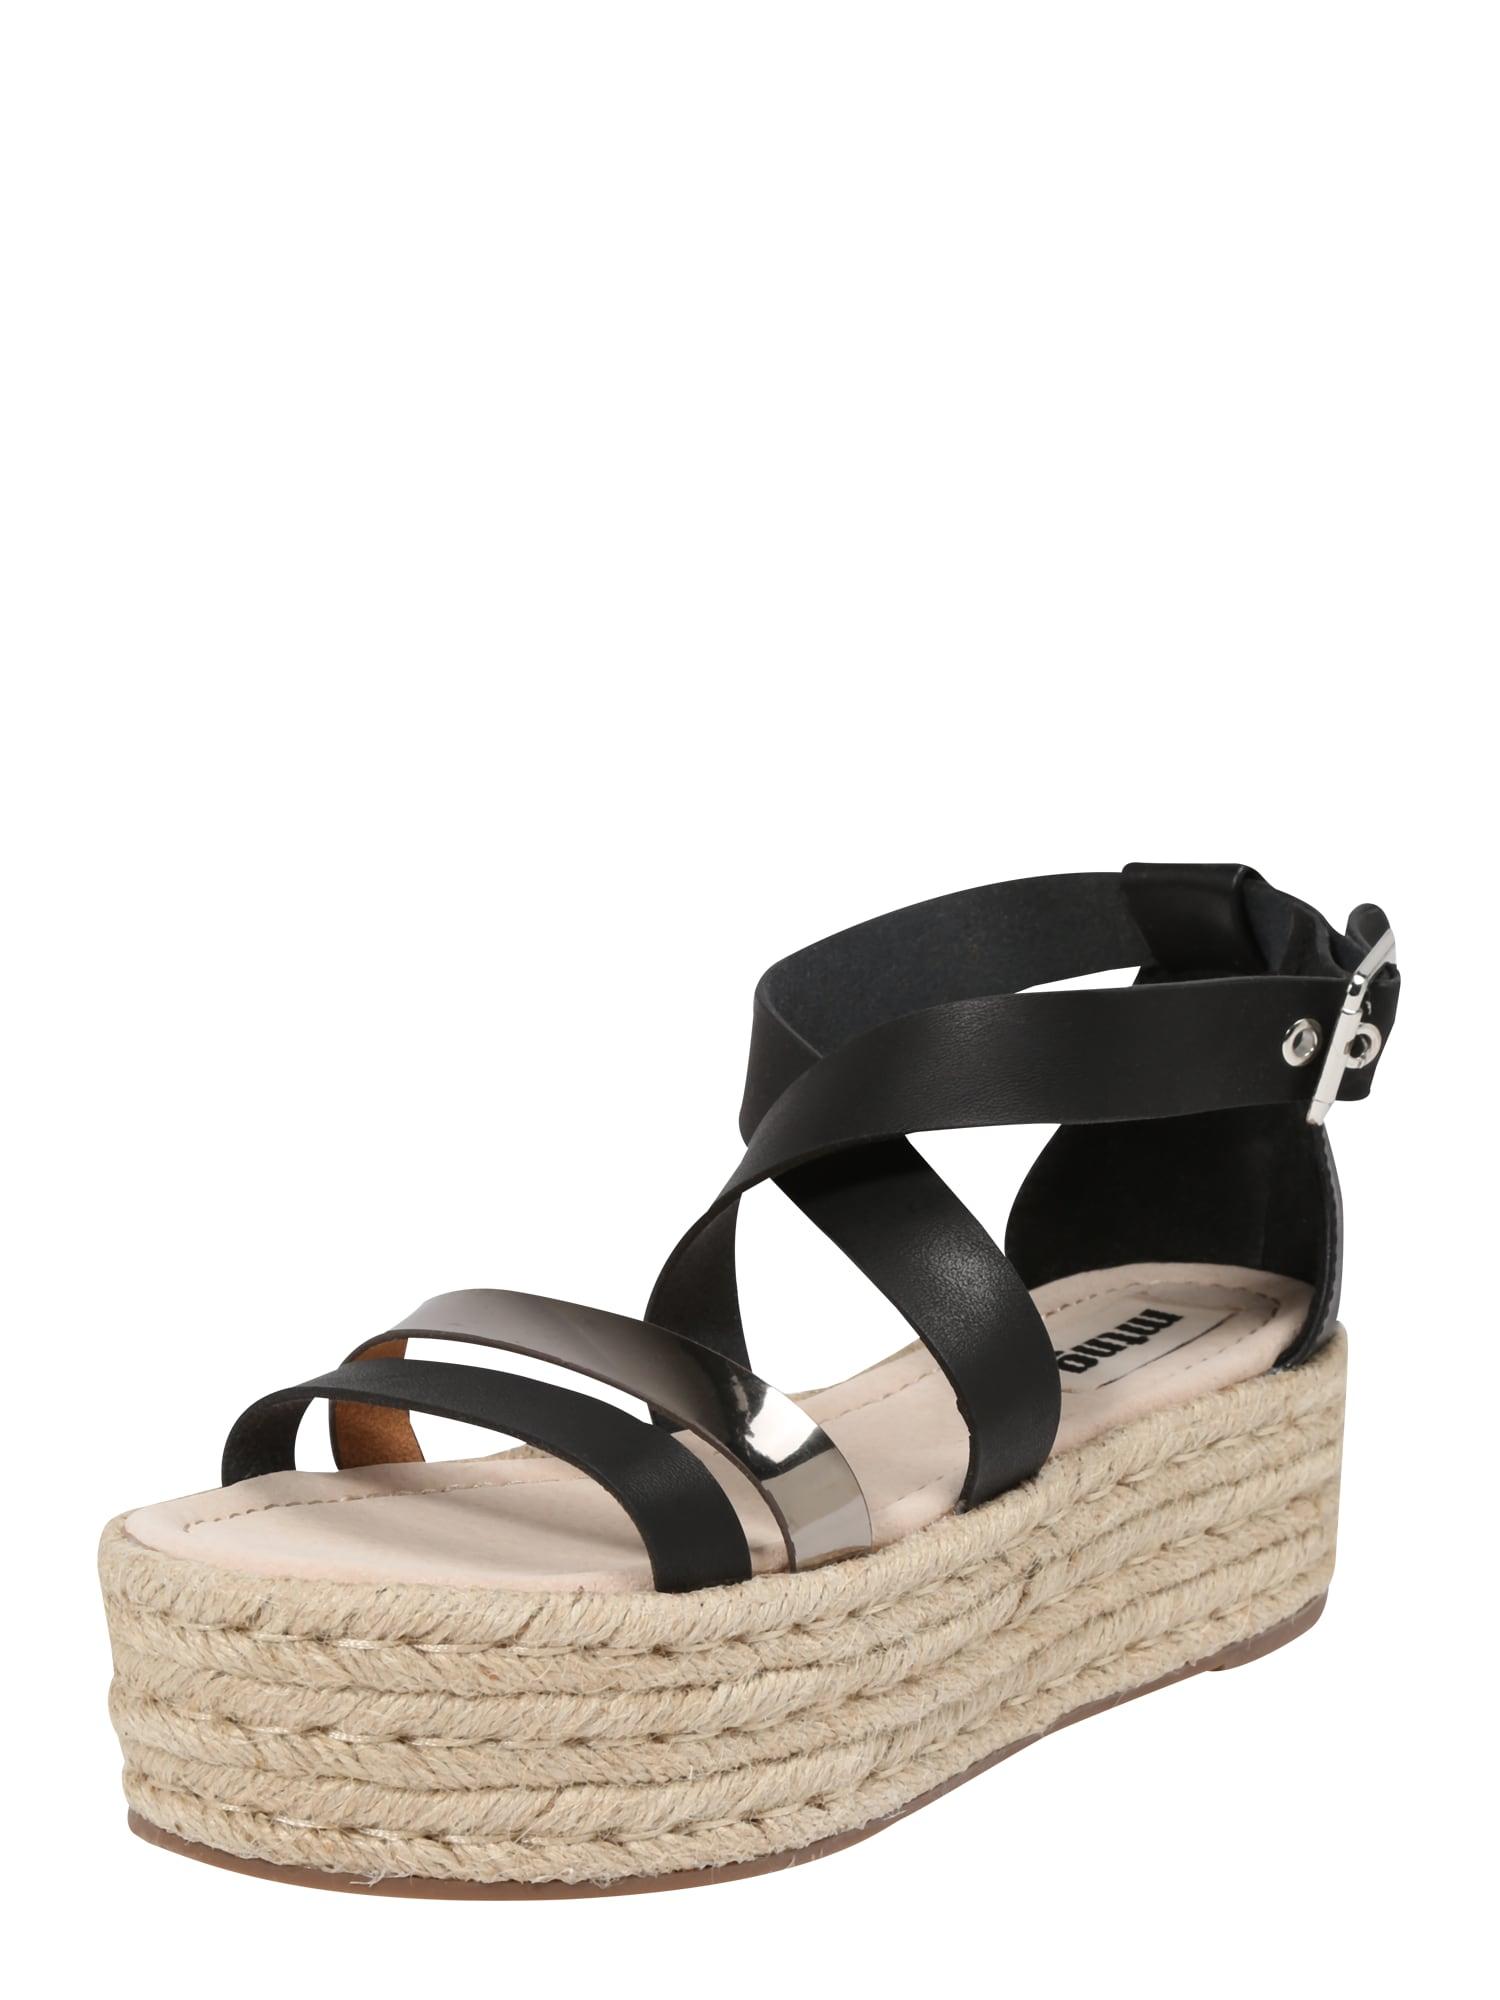 Sandály TESSY zlatá černá MTNG